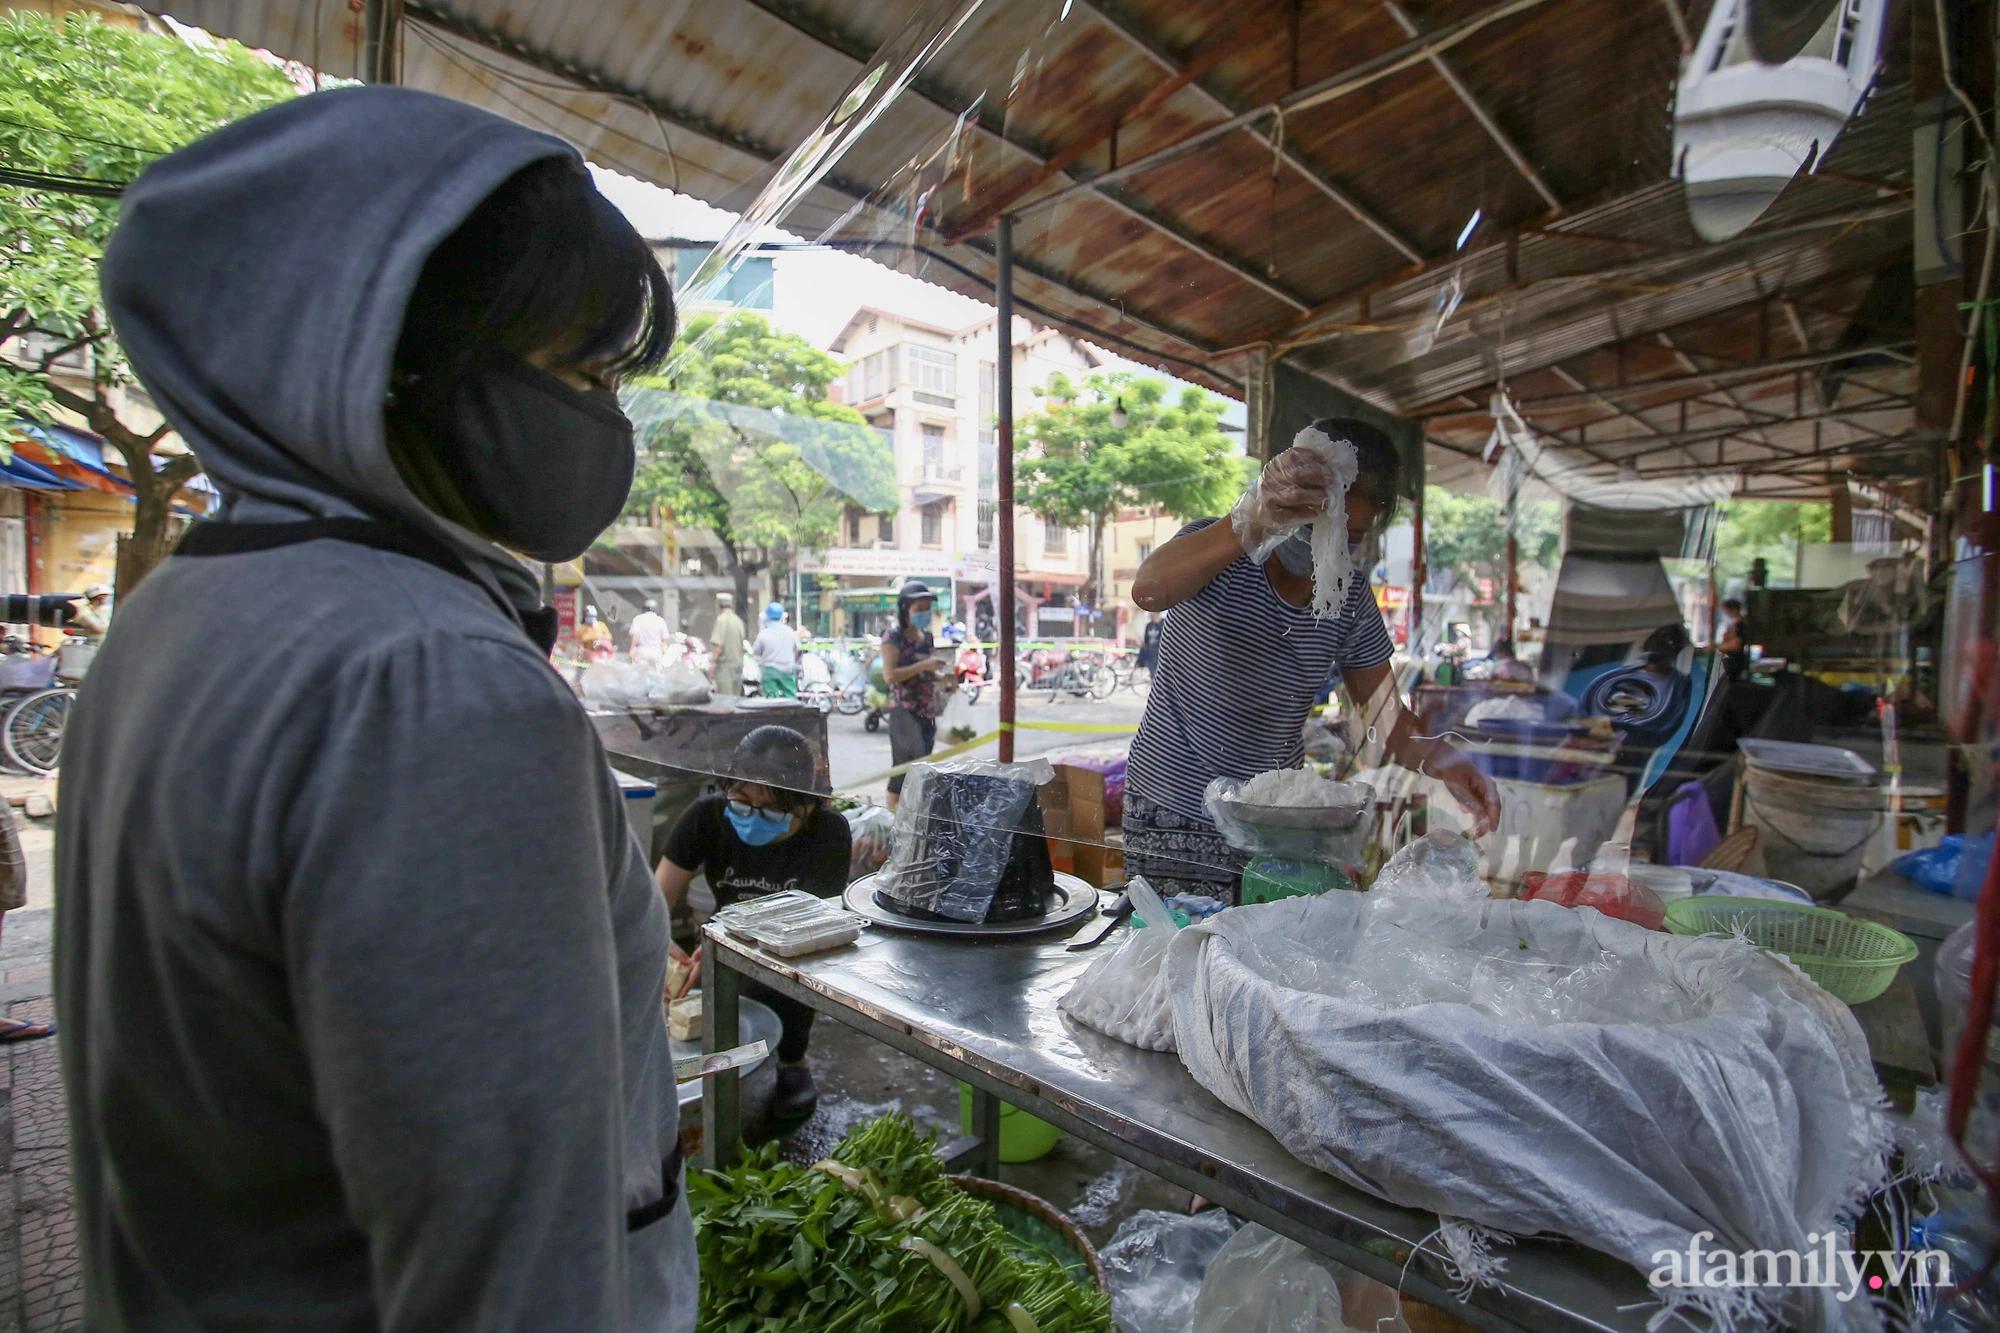 Ấn tượng với khu chợ dân sinh đầu tiên ở Hà Nội quây tấm nilon phòng dịch COVID-19, tiểu thương chia ca đứng bán theo ngày chẵn, lẻ - Ảnh 3.